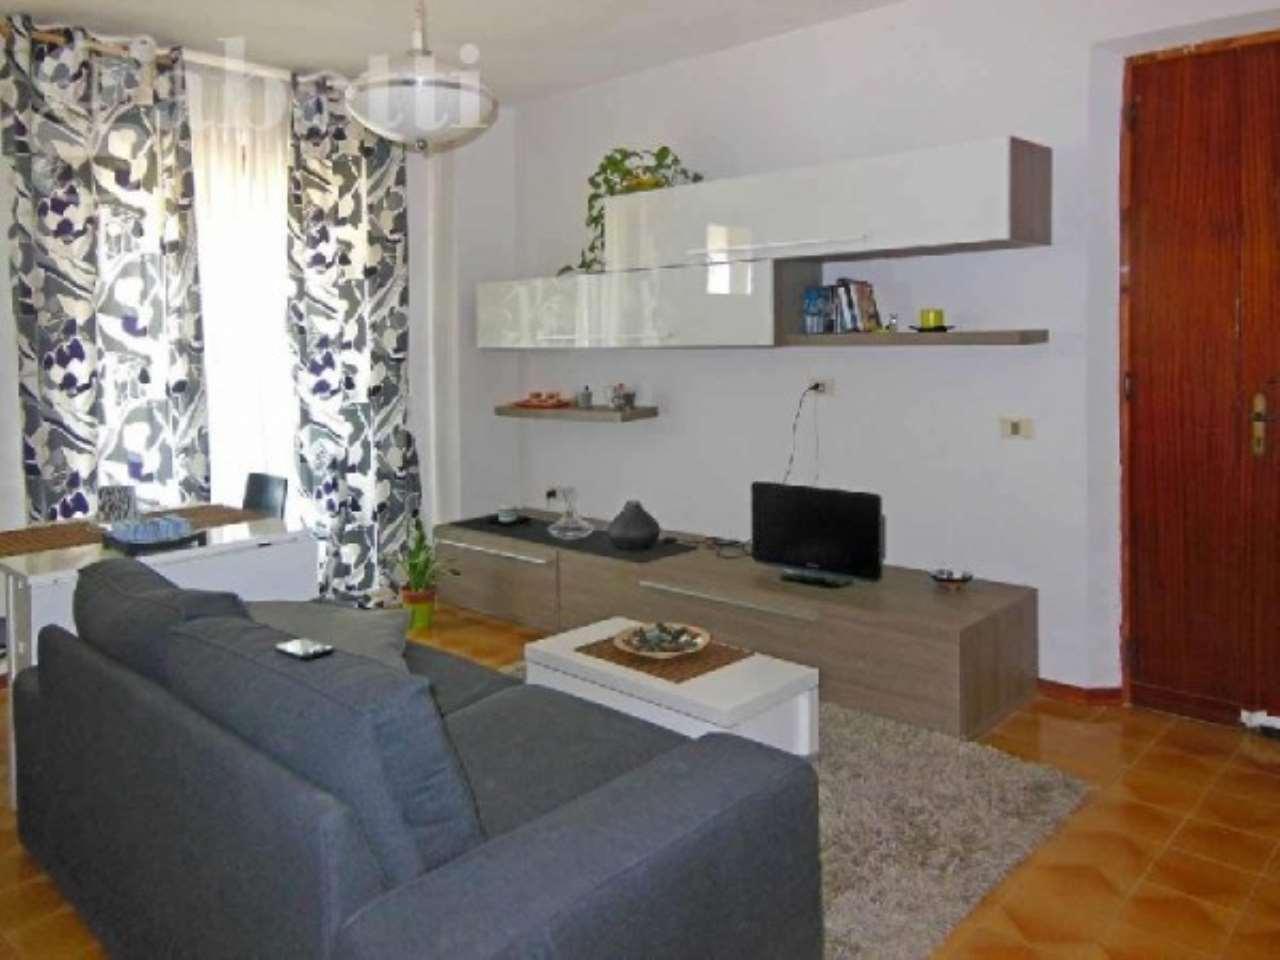 Appartamento in vendita a Montemarciano, 3 locali, prezzo € 85.000 | Cambio Casa.it